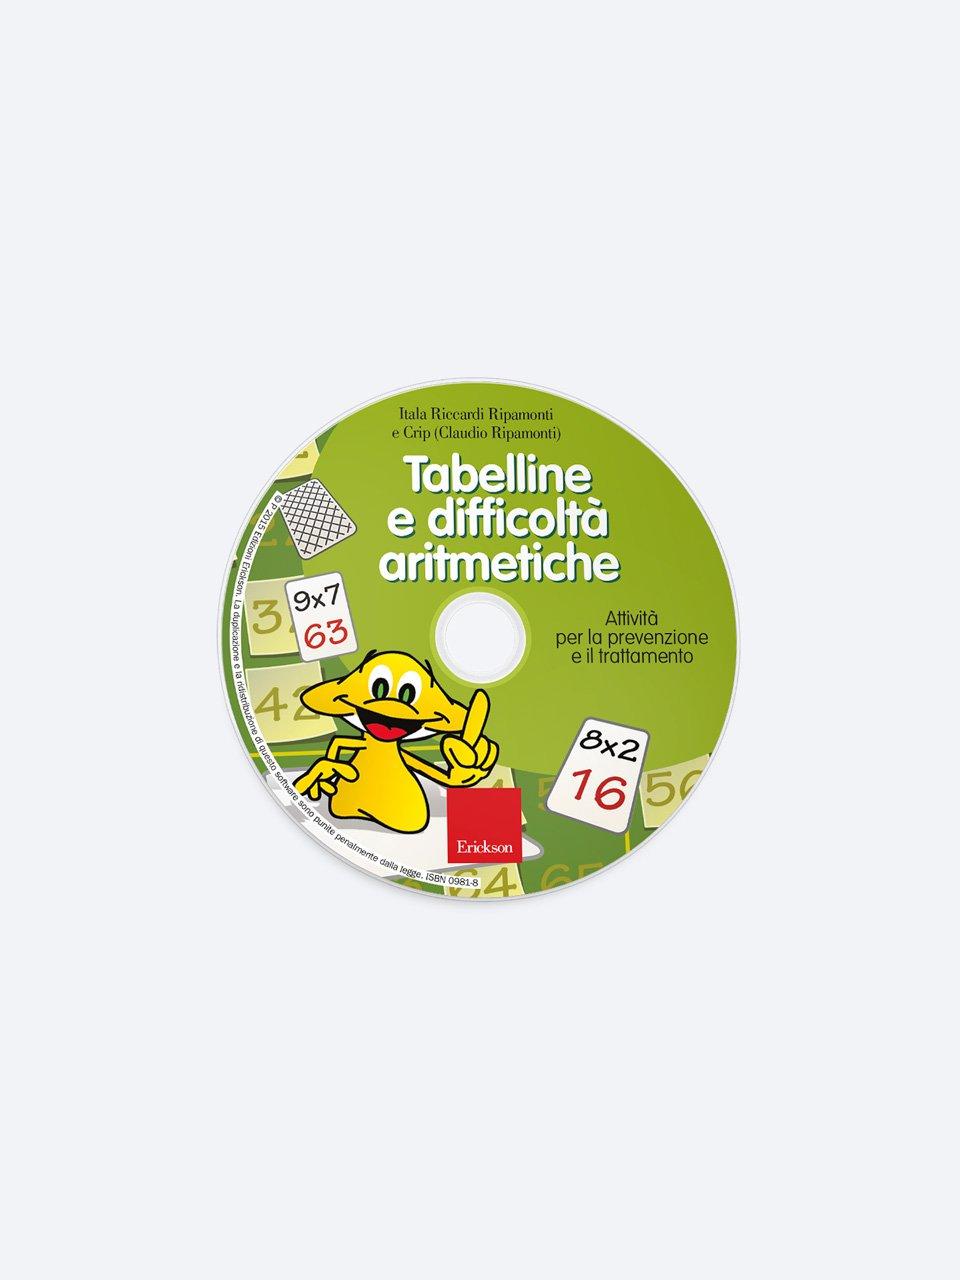 Tabelline e difficoltà aritmetiche - Libri - App e software - Erickson 5